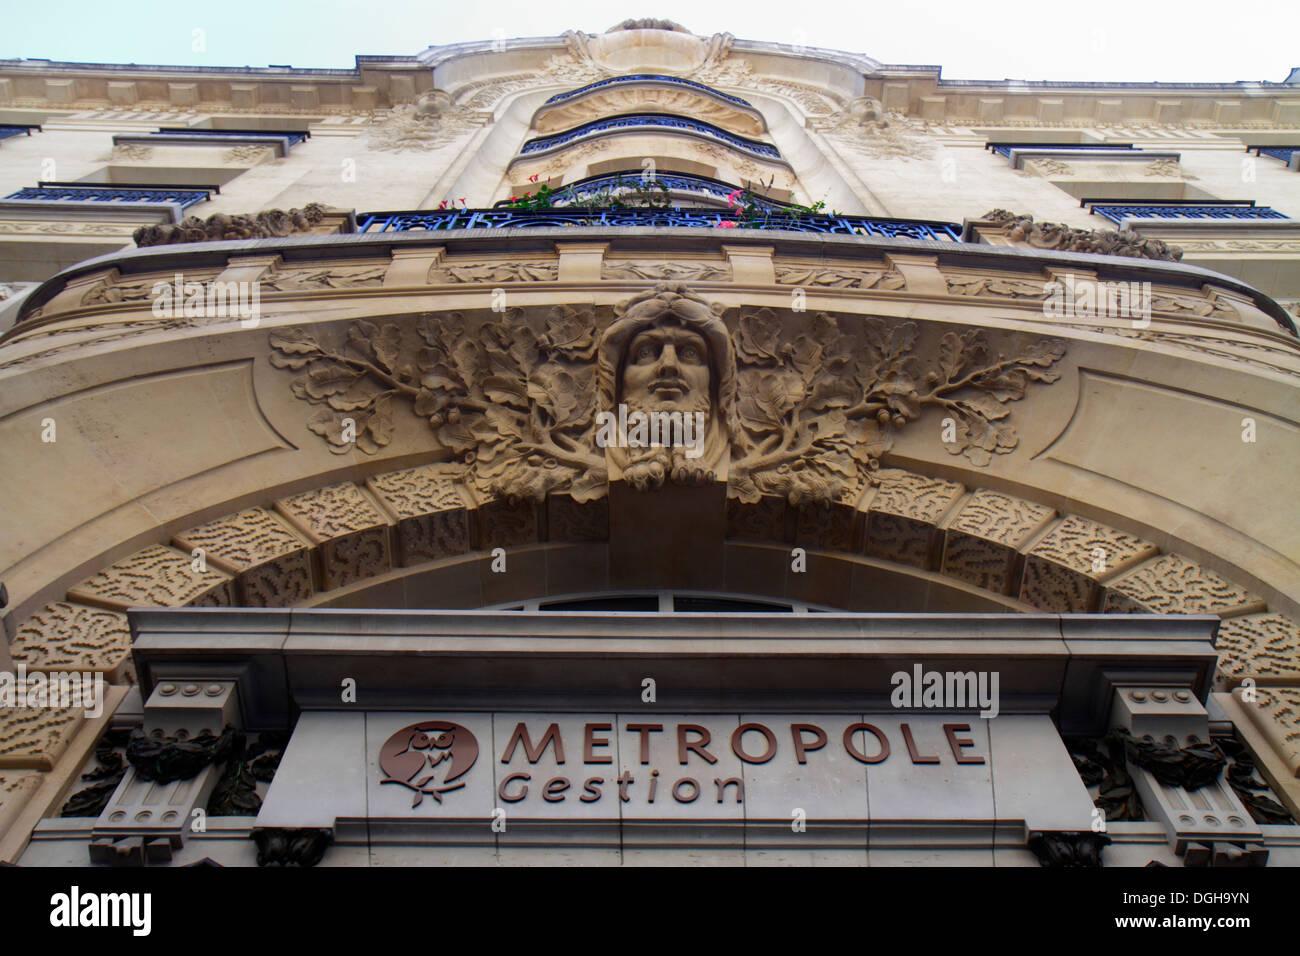 Paris France Europe French 2nd arrondissement Rue des Filles Saint-Thomas Metropole Gestion metropolis management city administr - Stock Image